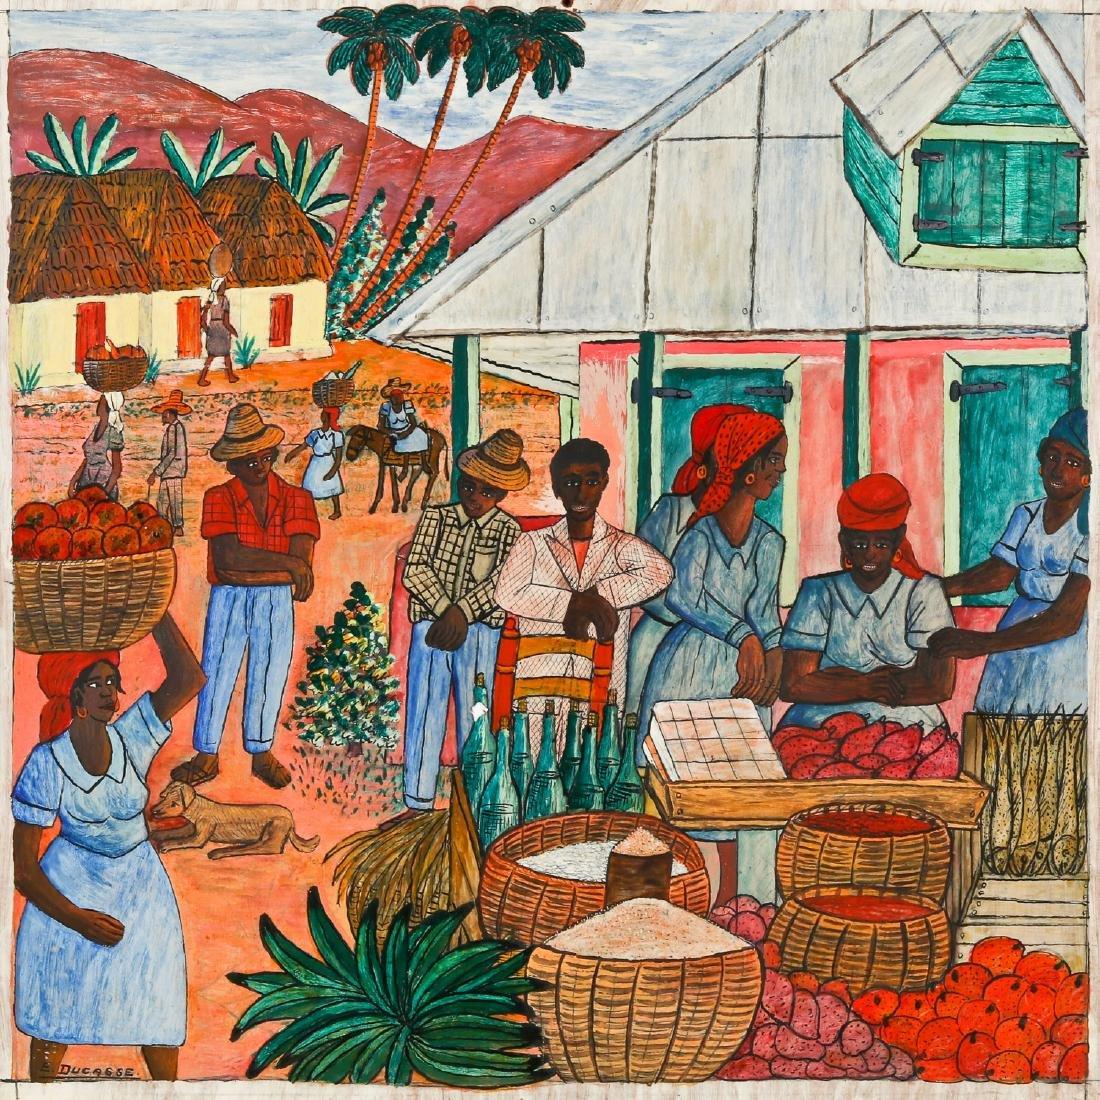 Gervais Emmanuel Ducasse (Haitian/Port-au-Prince,